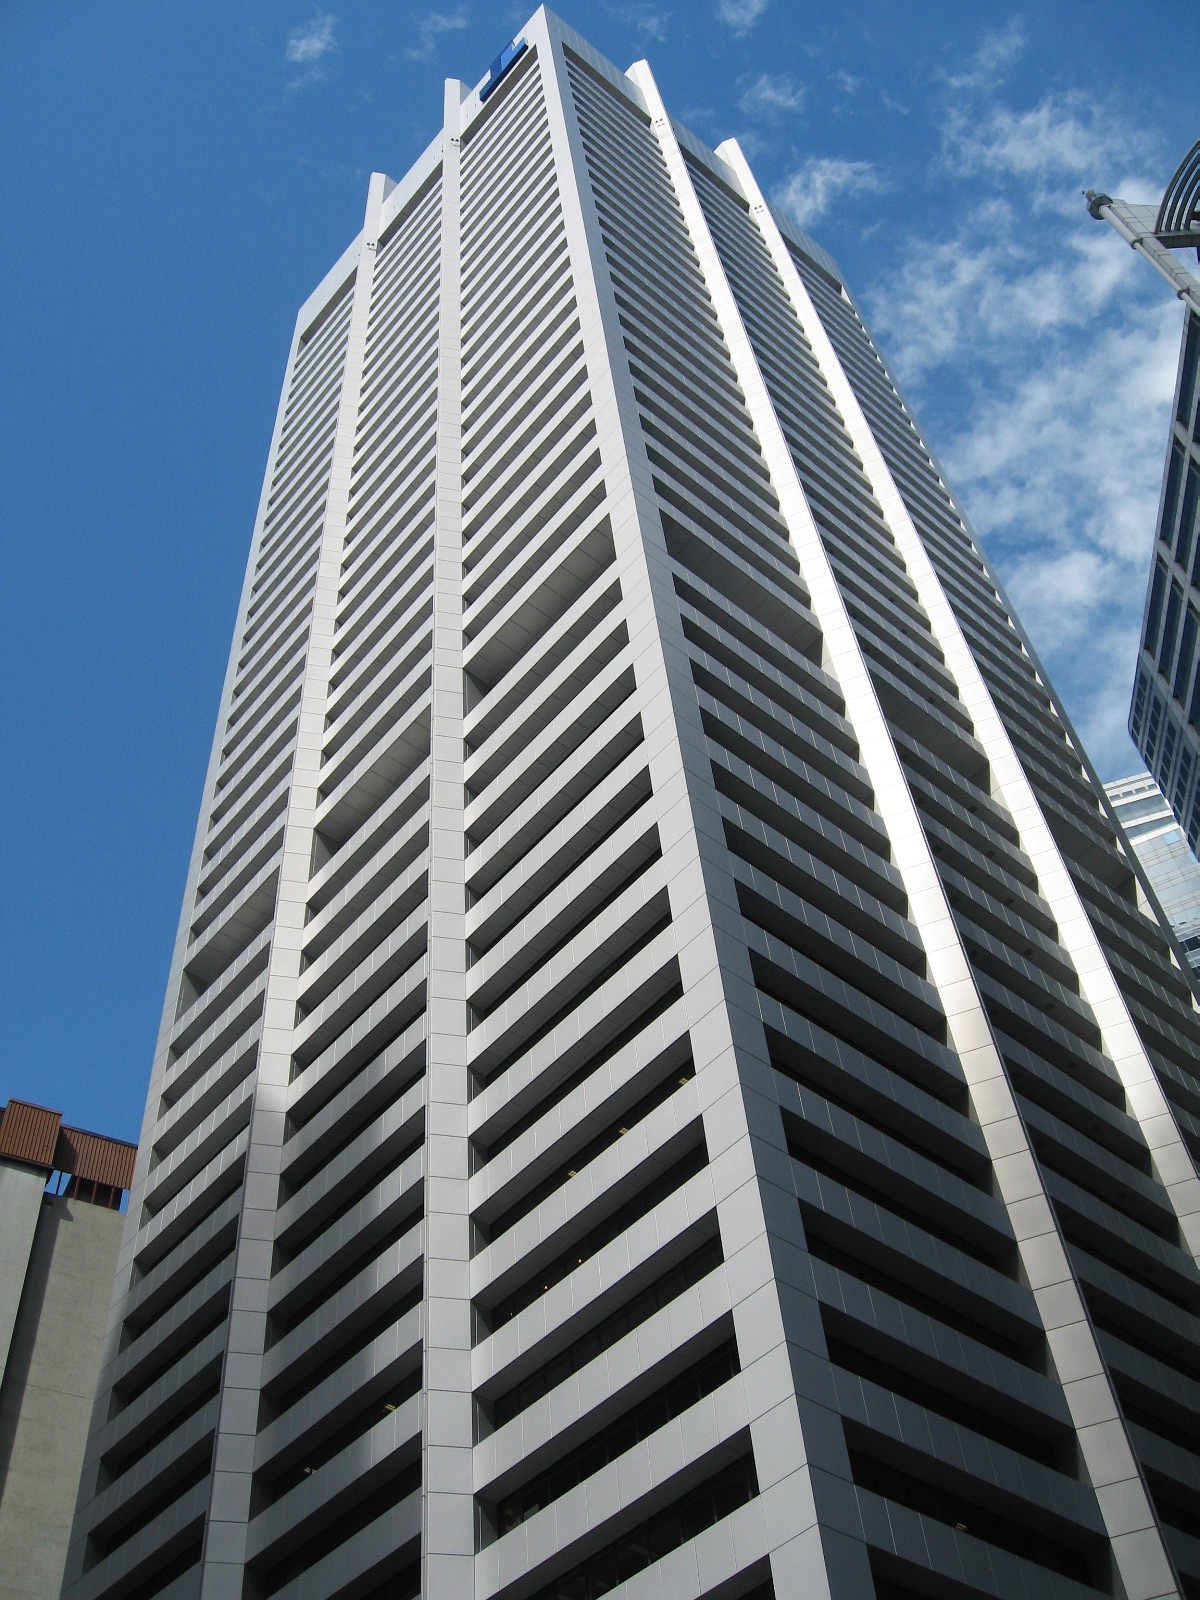 Singapore Tower